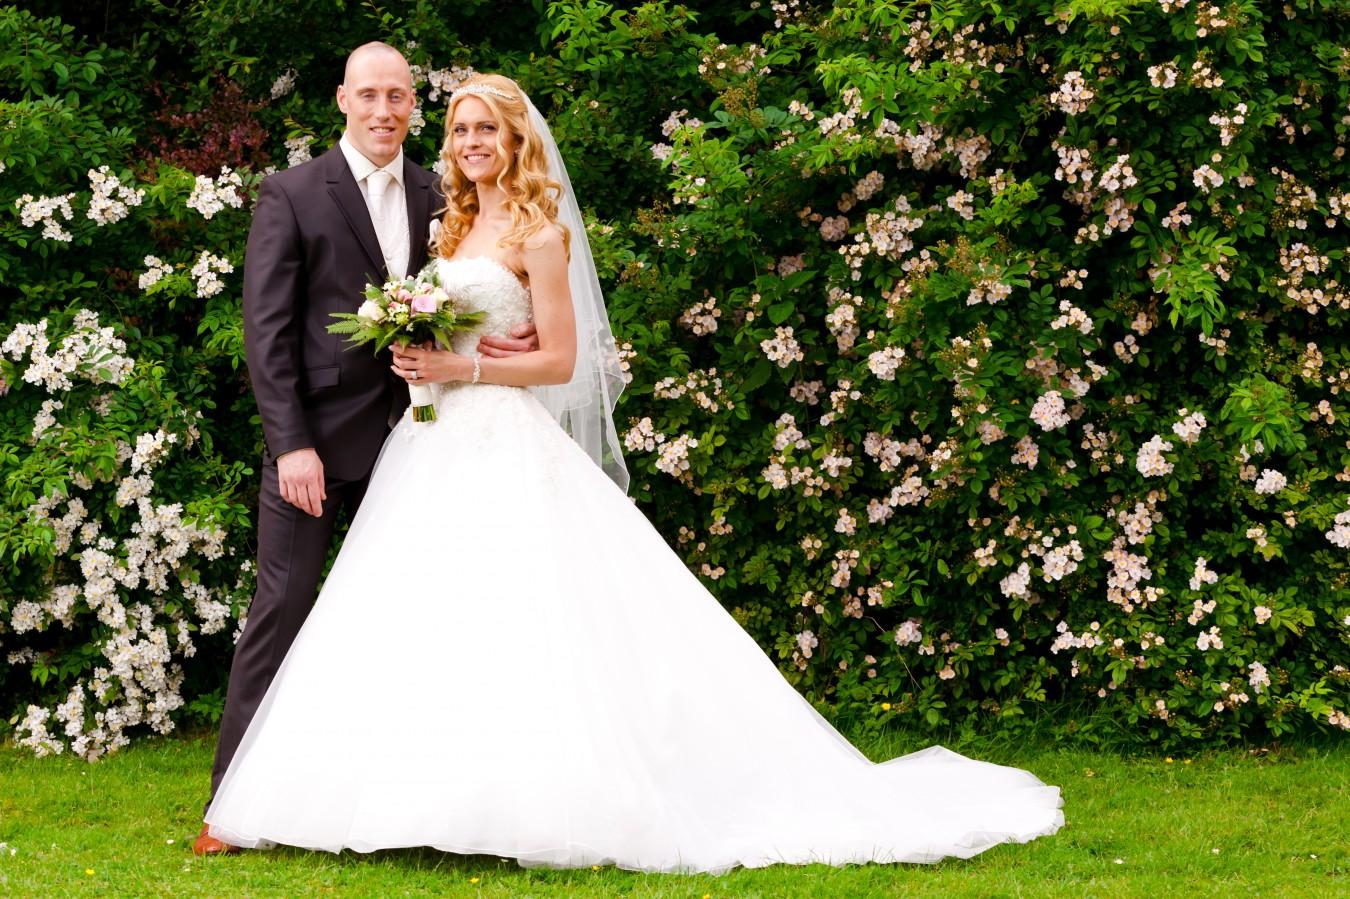 Uw bruiloft vertrouwd vereeuwigd